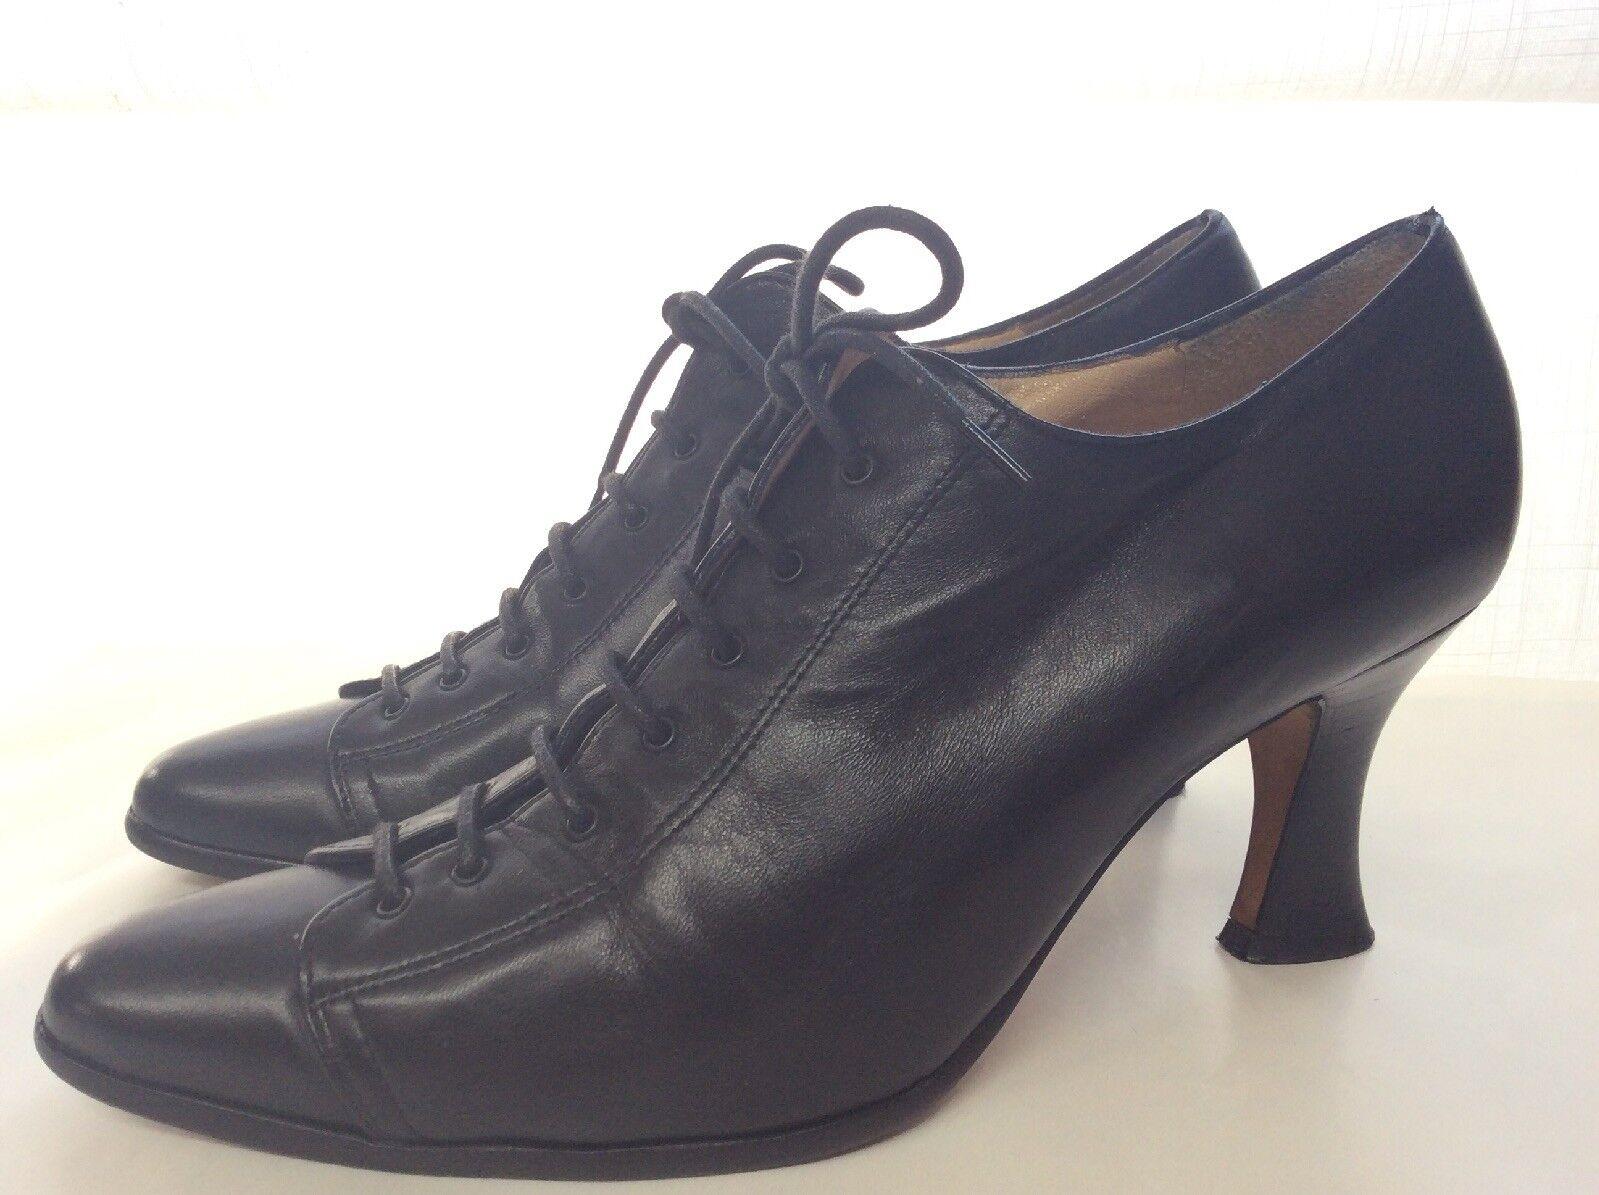 f591695962dc5e 100% Pelle Nera Qualità Pieno Stile Vintage Scarpe by Russell & Bromley  Taglia 5 UK. Insolia Décolleté da donna con tacco quadrato